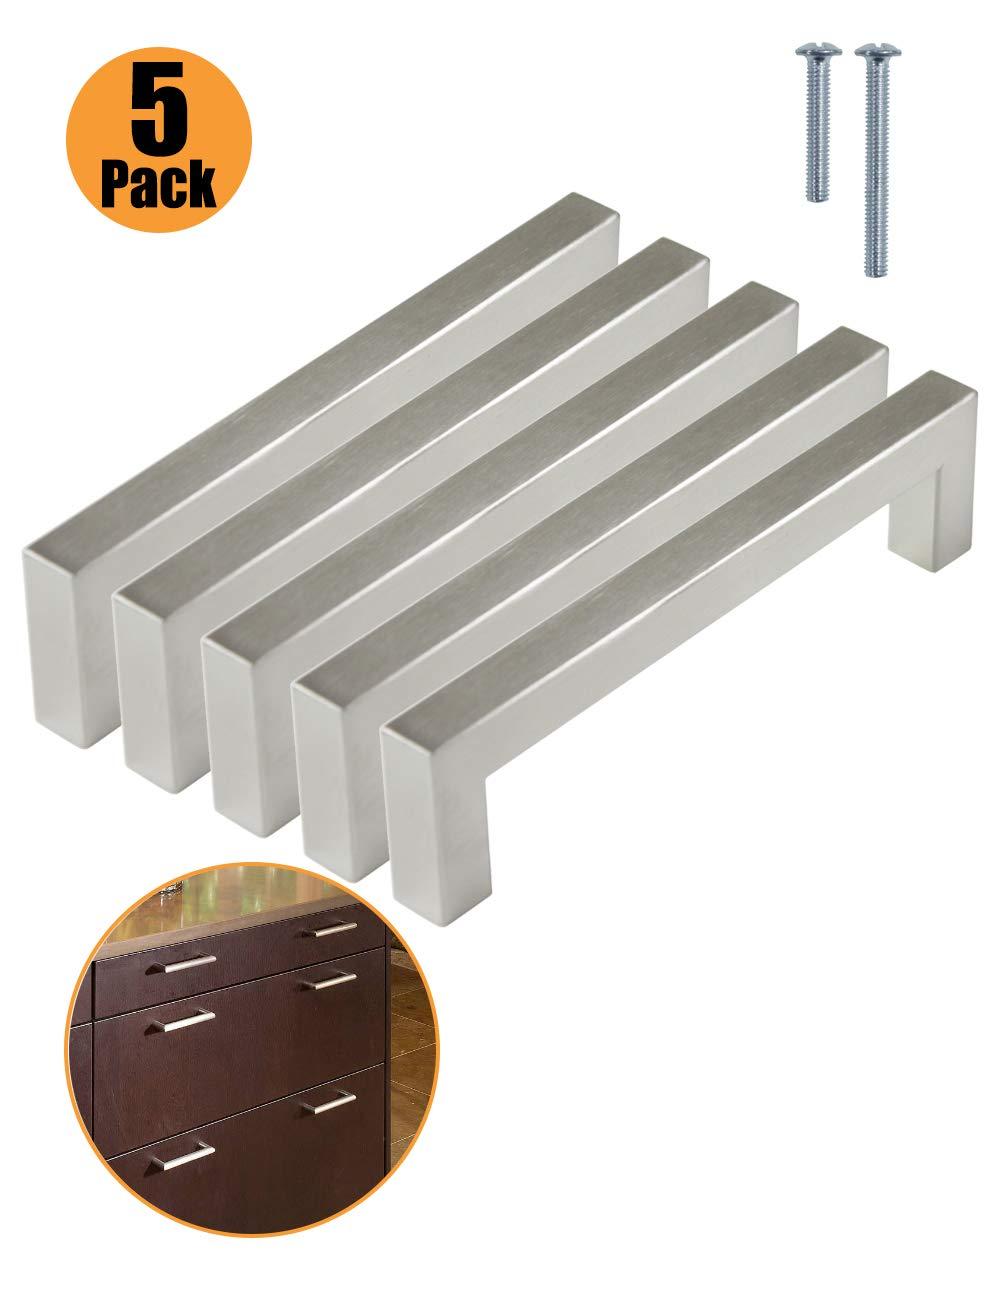 PinLin Tiradores de puerta de armario de cocina de acero inoxidable con agujero central de 12 mm de ancho y mango en T de acero cepillado plateado